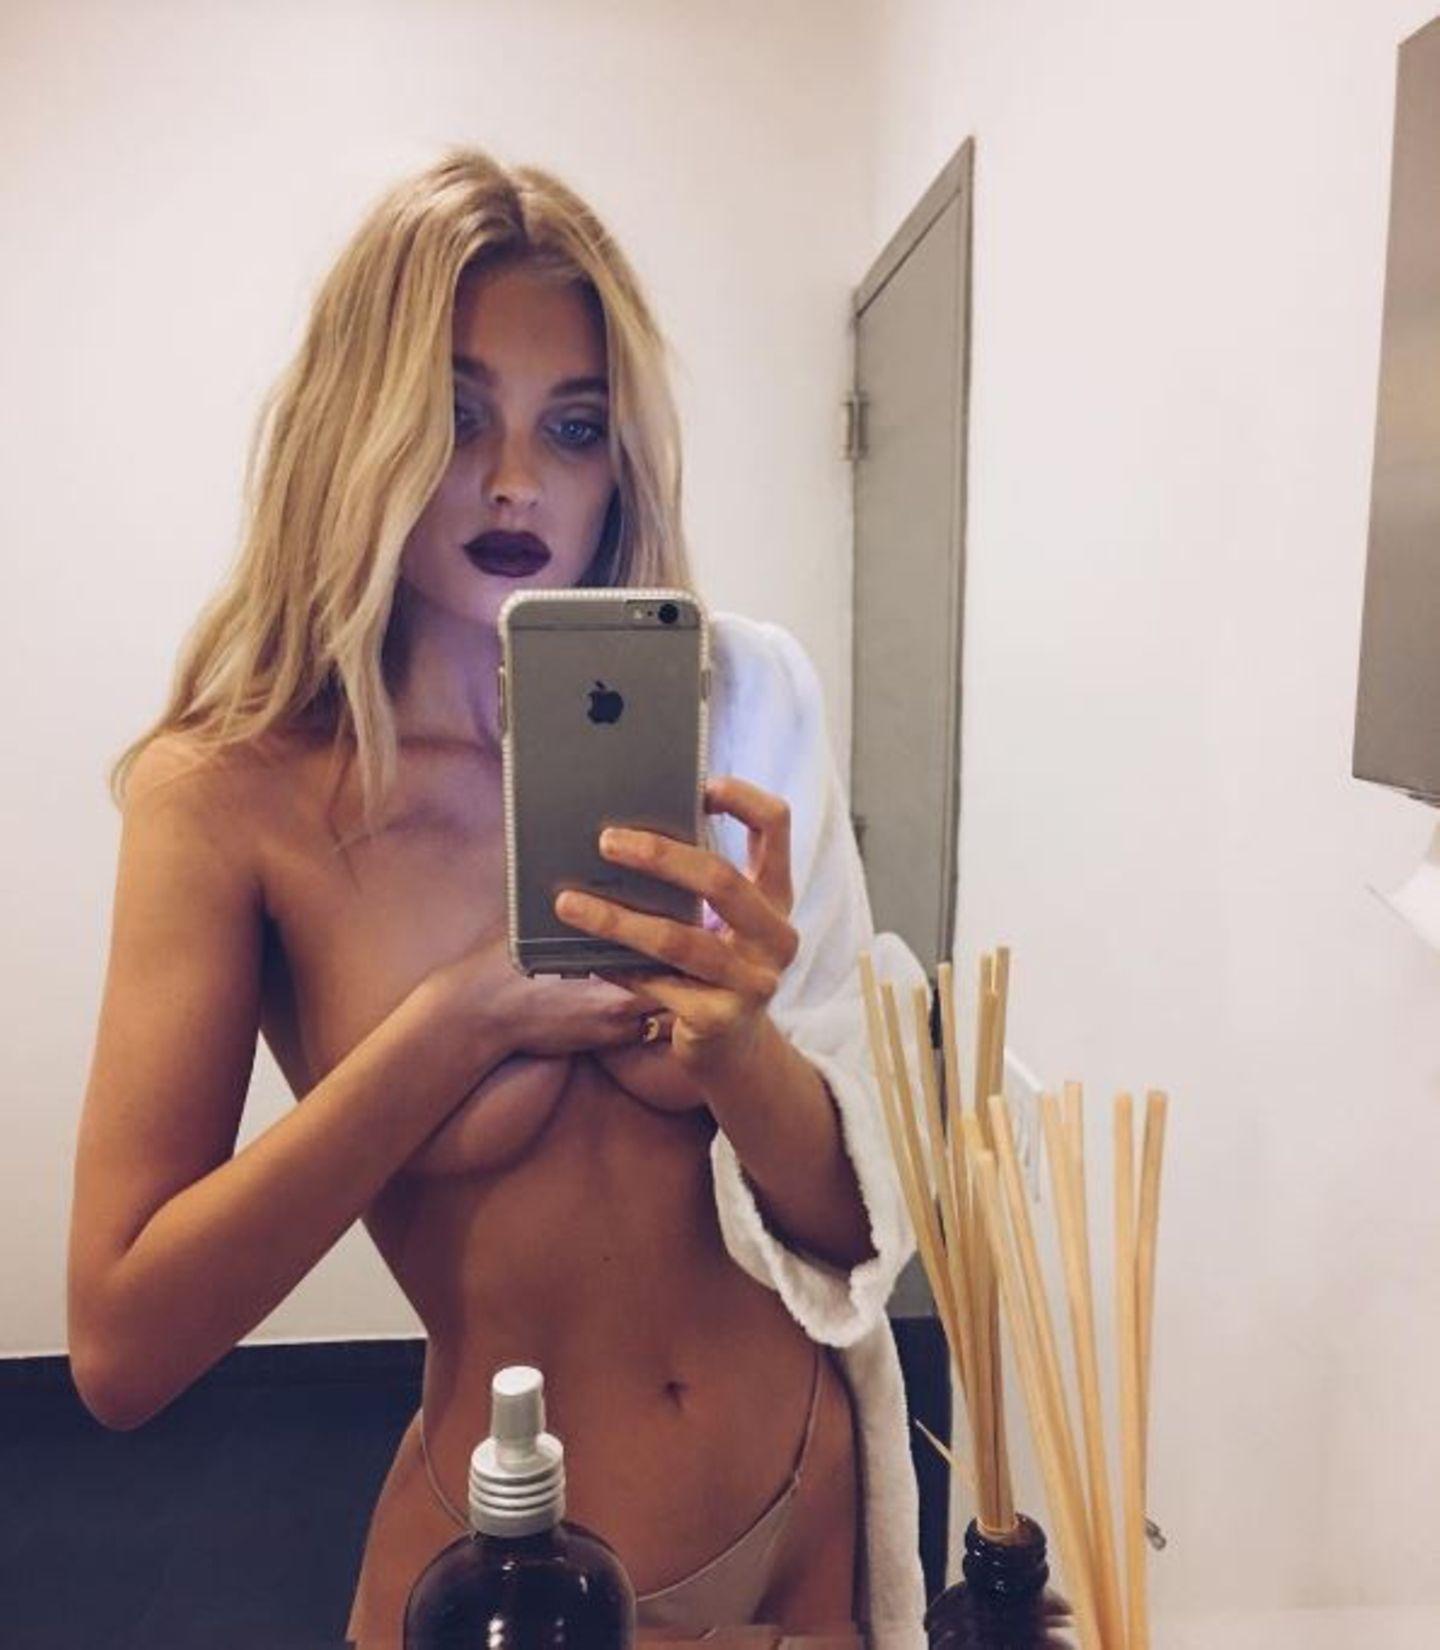 Holla, was für ein Spiegel-Selfie! Model Elsa Hosk fotografiert sich nur mit einem hautfarbenen String bekleidet und sieht dabei richtig heiß aus!